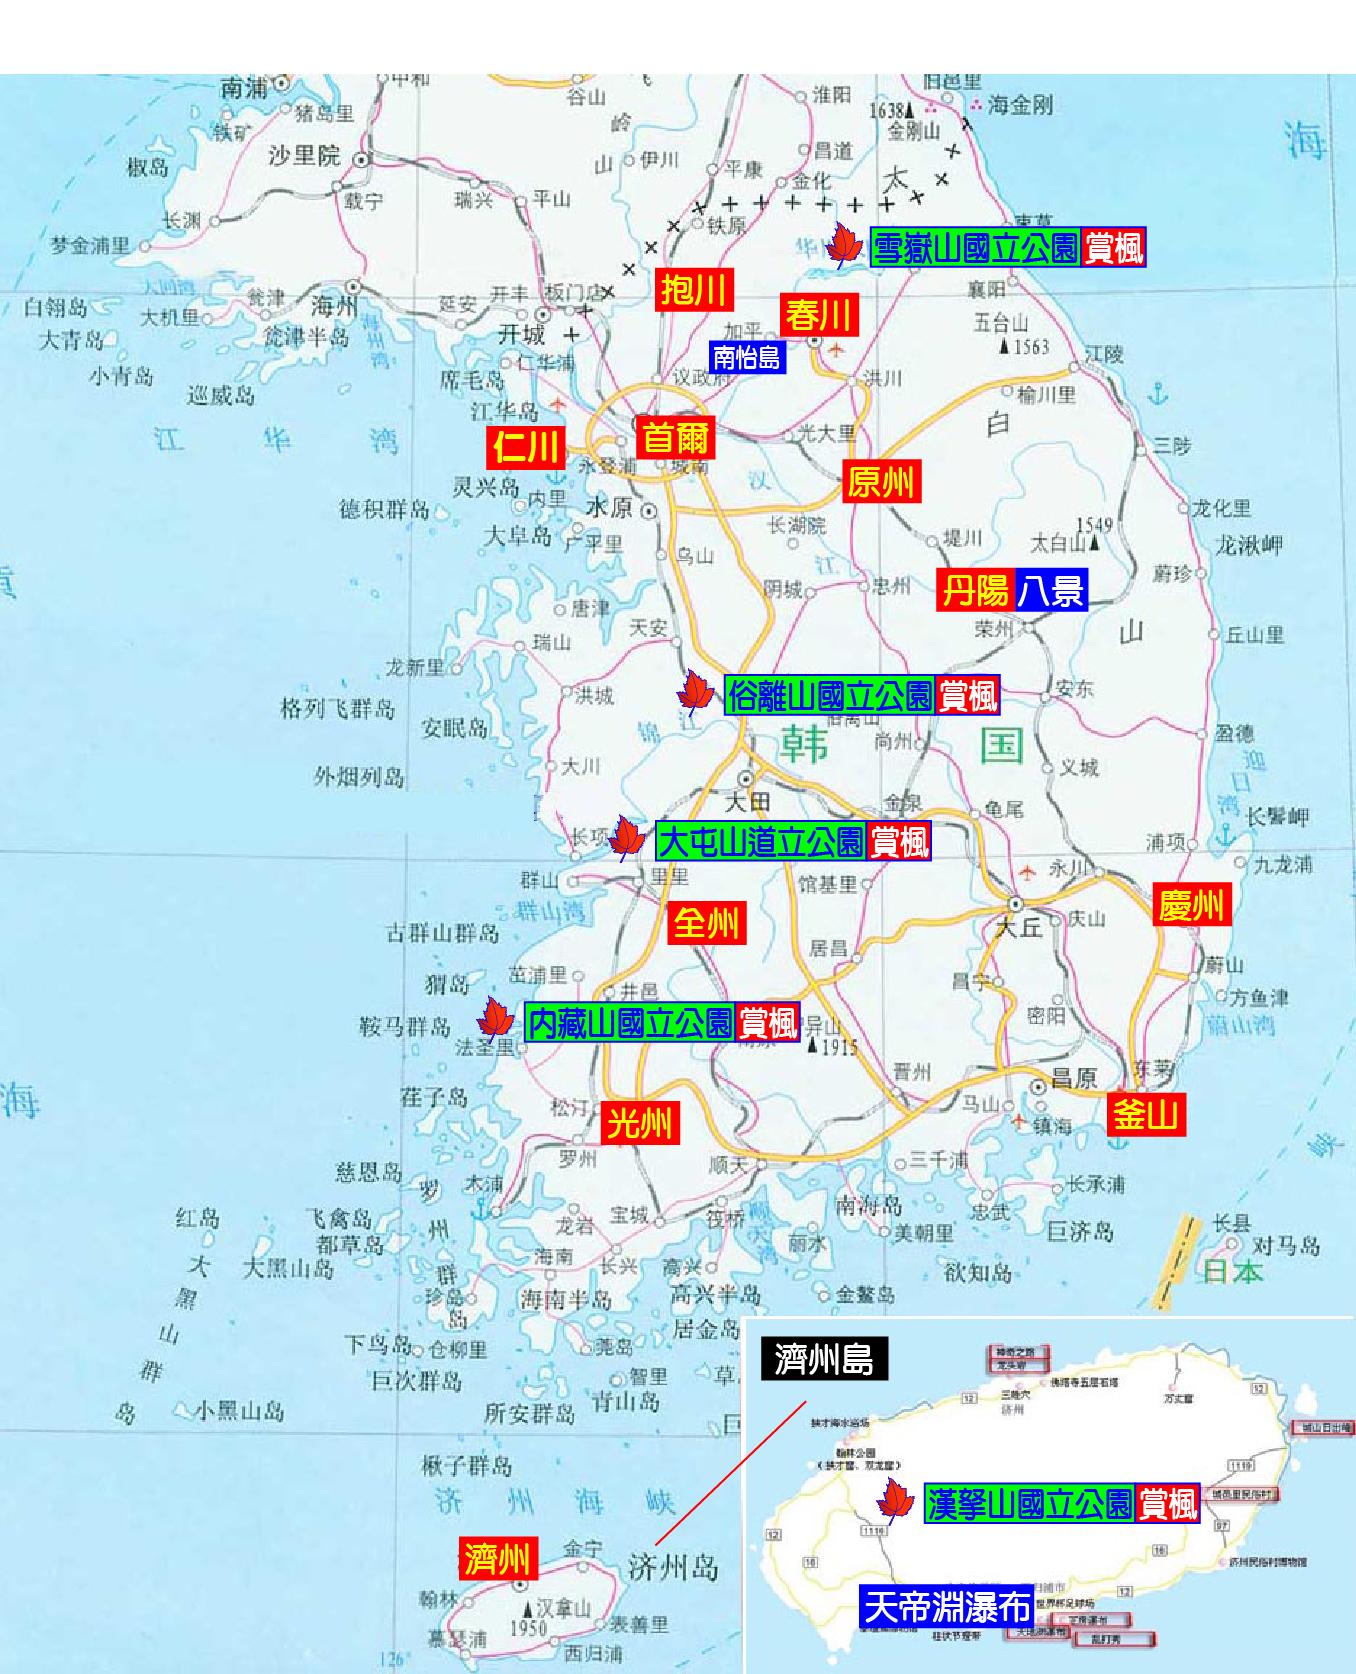 南韓賞楓電子地圖